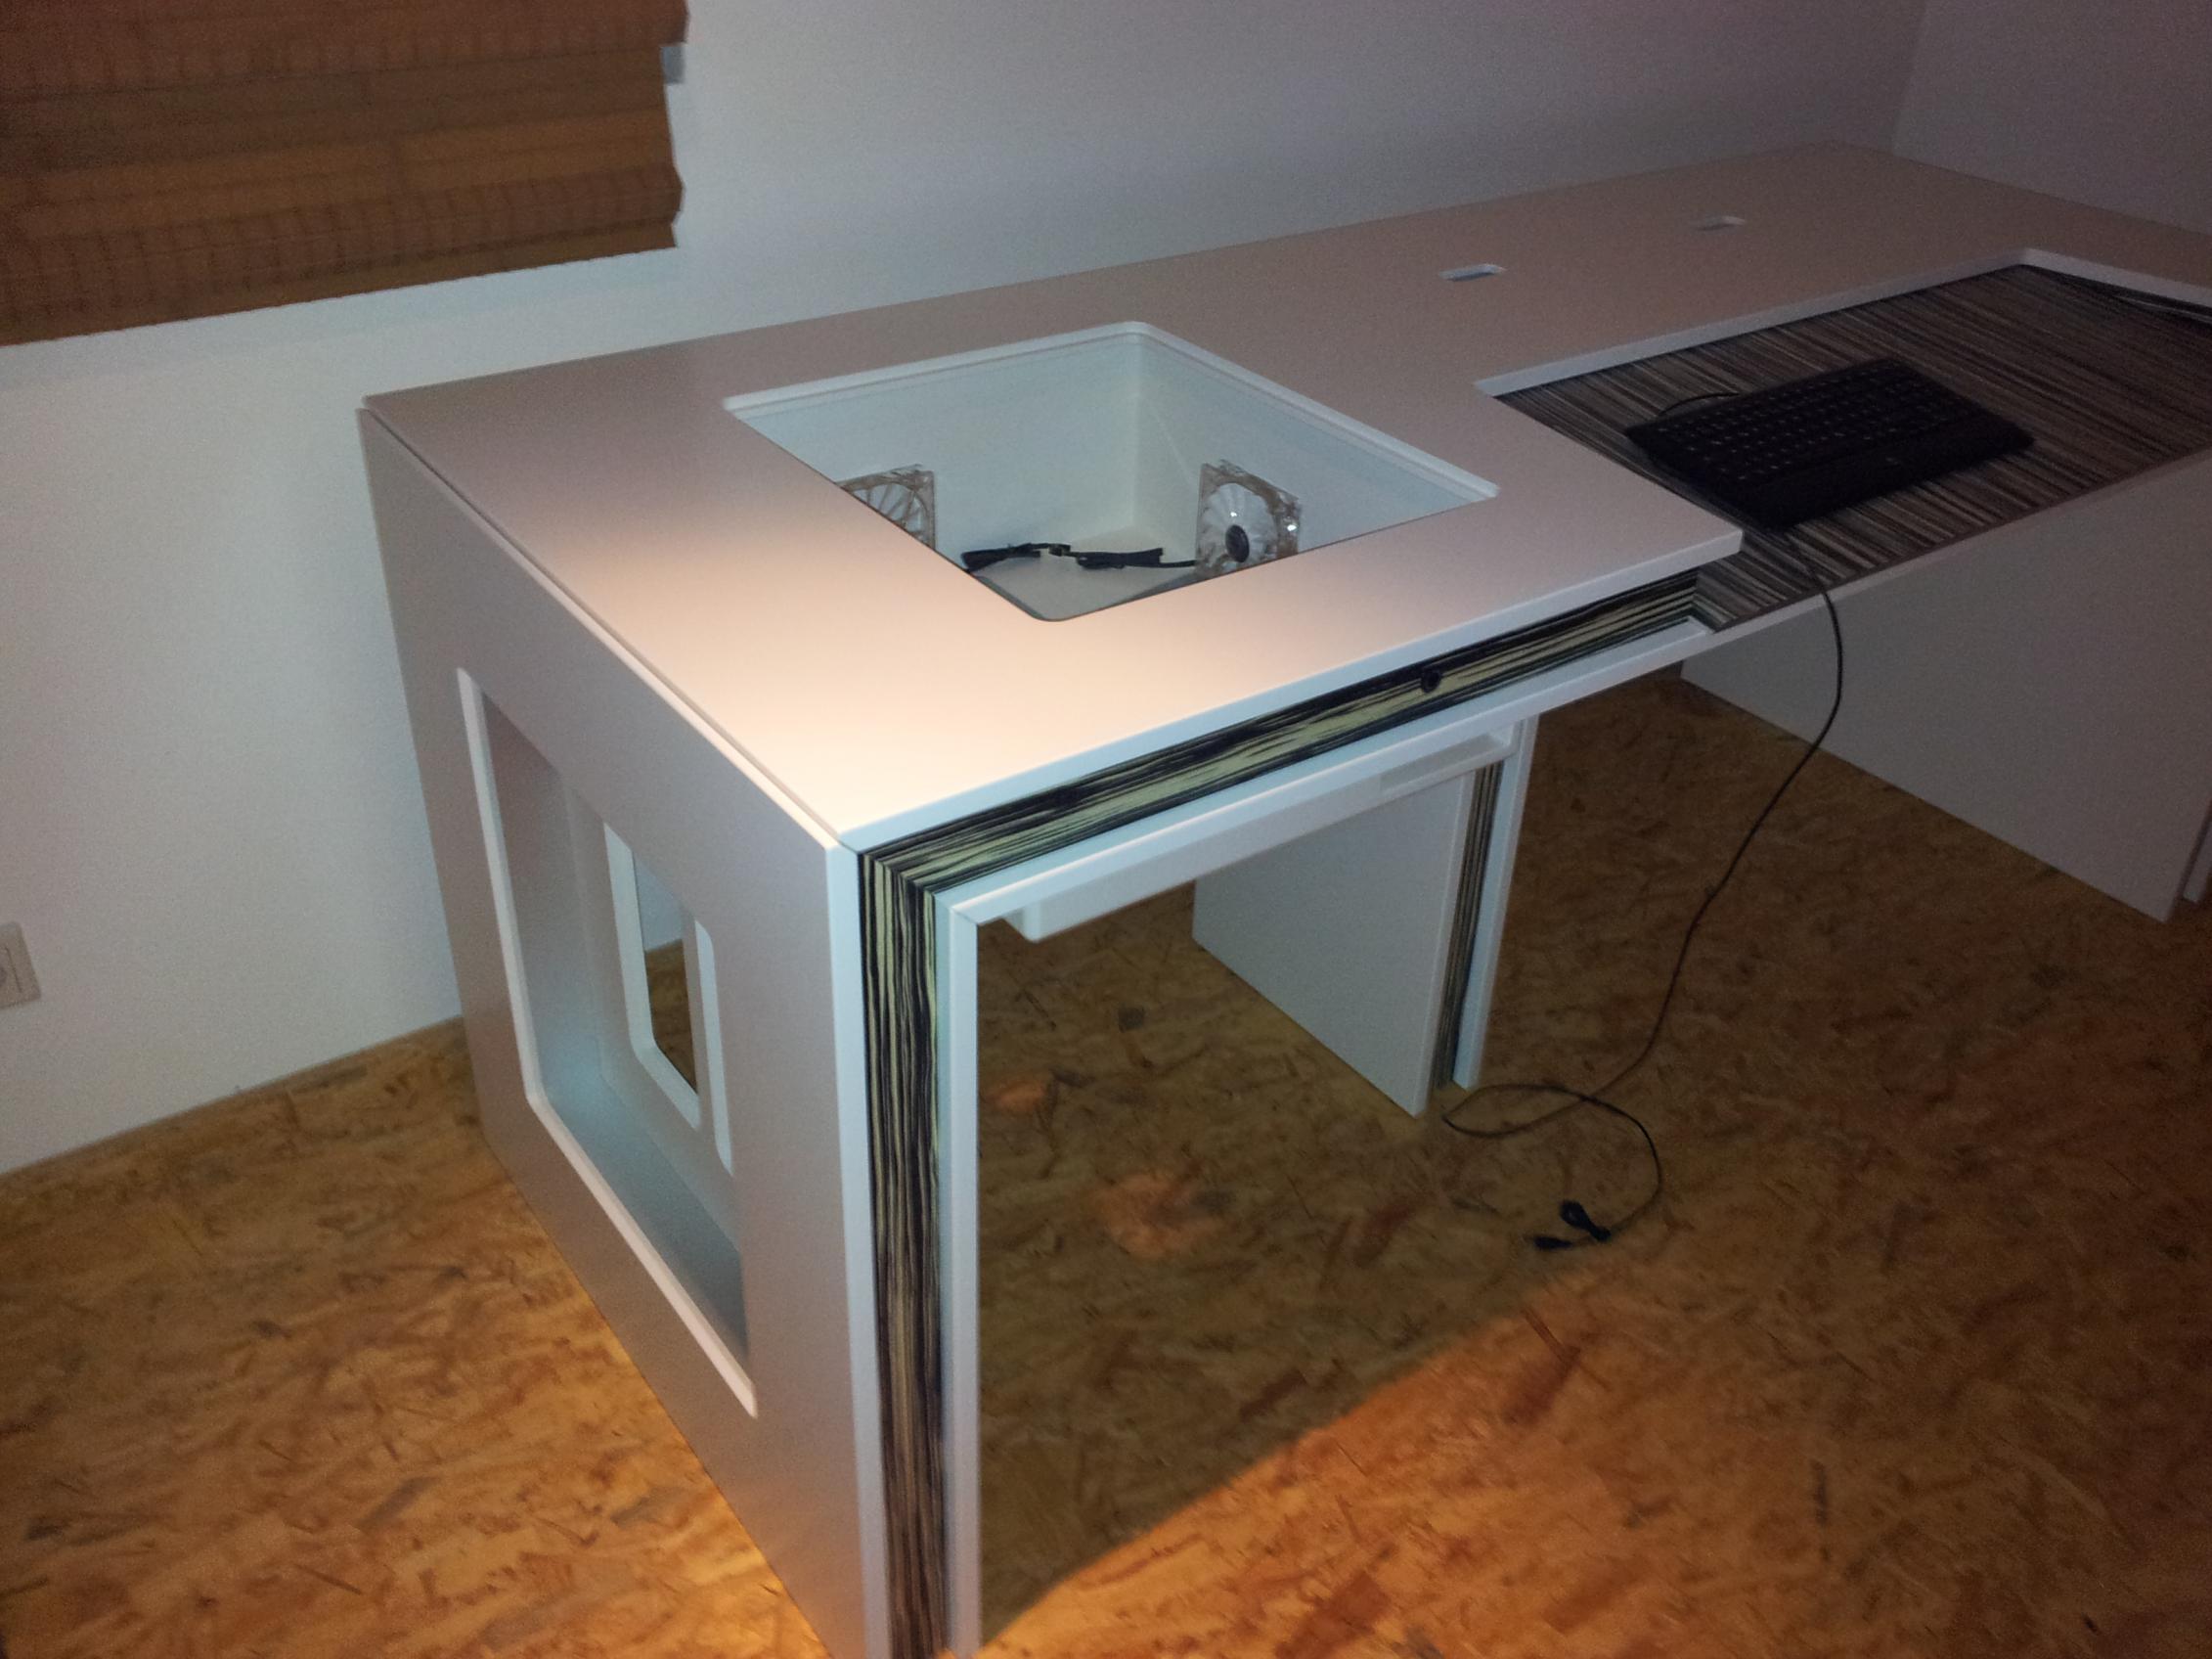 Gaming schreibtisch selber bauen  Gaming Schreibtisch Selber Bauen | saigonford.info